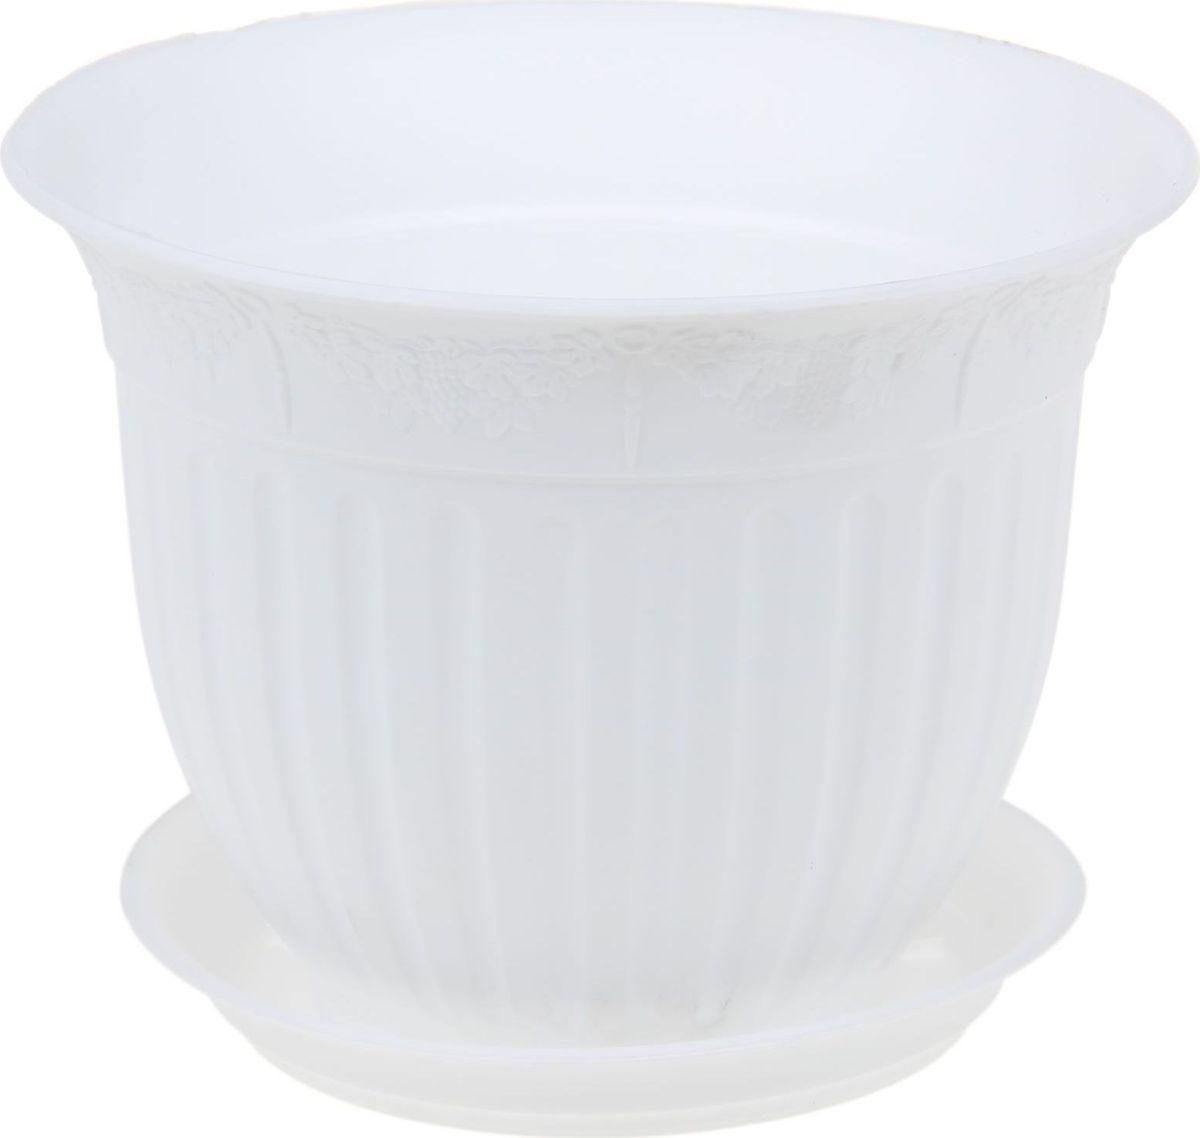 Кашпо JetPlast Виноград, с поддоном, цвет: белый, 1,6 л1309264Любой, даже самый современный и продуманный интерьер будет не завершённым без растений. Они не только очищают воздух и насыщают его кислородом, но и заметно украшают окружающее пространство. Такому полезному члену семьи просто необходимо красивое и функциональное кашпо, оригинальный горшок или необычная ваза! Мы предлагаем - Кашпо с поддоном 1,6 л Виноград, цвет белый! Оптимальный выбор материала пластмасса! Почему мы так считаем? -Малый вес. С лёгкостью переносите горшки и кашпо с места на место, ставьте их на столики или полки, подвешивайте под потолок, не беспокоясь о нагрузке. -Простота ухода. Пластиковые изделия не нуждаются в специальных условиях хранения. Их легко чистить достаточно просто сполоснуть тёплой водой. -Никаких царапин. Пластиковые кашпо не царапают и не загрязняют поверхности, на которых стоят. -Пластик дольше хранит влагу, а значит растение реже нуждается в поливе. -Пластмасса не пропускает воздух корневой системе растения не грозят резкие перепады температур. -Огромный выбор форм, декора и расцветок вы без труда подберёте что-то, что идеально впишется в уже существующий интерьер. Соблюдая нехитрые правила ухода, вы можете заметно продлить срок службы горшков, вазонов и кашпо из пластика: -всегда учитывайте размер кроны и корневой системы растения (при разрастании большое растение способно повредить маленький горшок)-берегите изделие от воздействия прямых солнечных лучей, чтобы кашпо и горшки не выцветали-держите кашпо и горшки из пластика подальше от нагревающихся поверхностей. Создавайте прекрасные цветочные композиции, выращивайте рассаду или необычные растения, а низкие цены позволят вам не ограничивать себя в выборе.